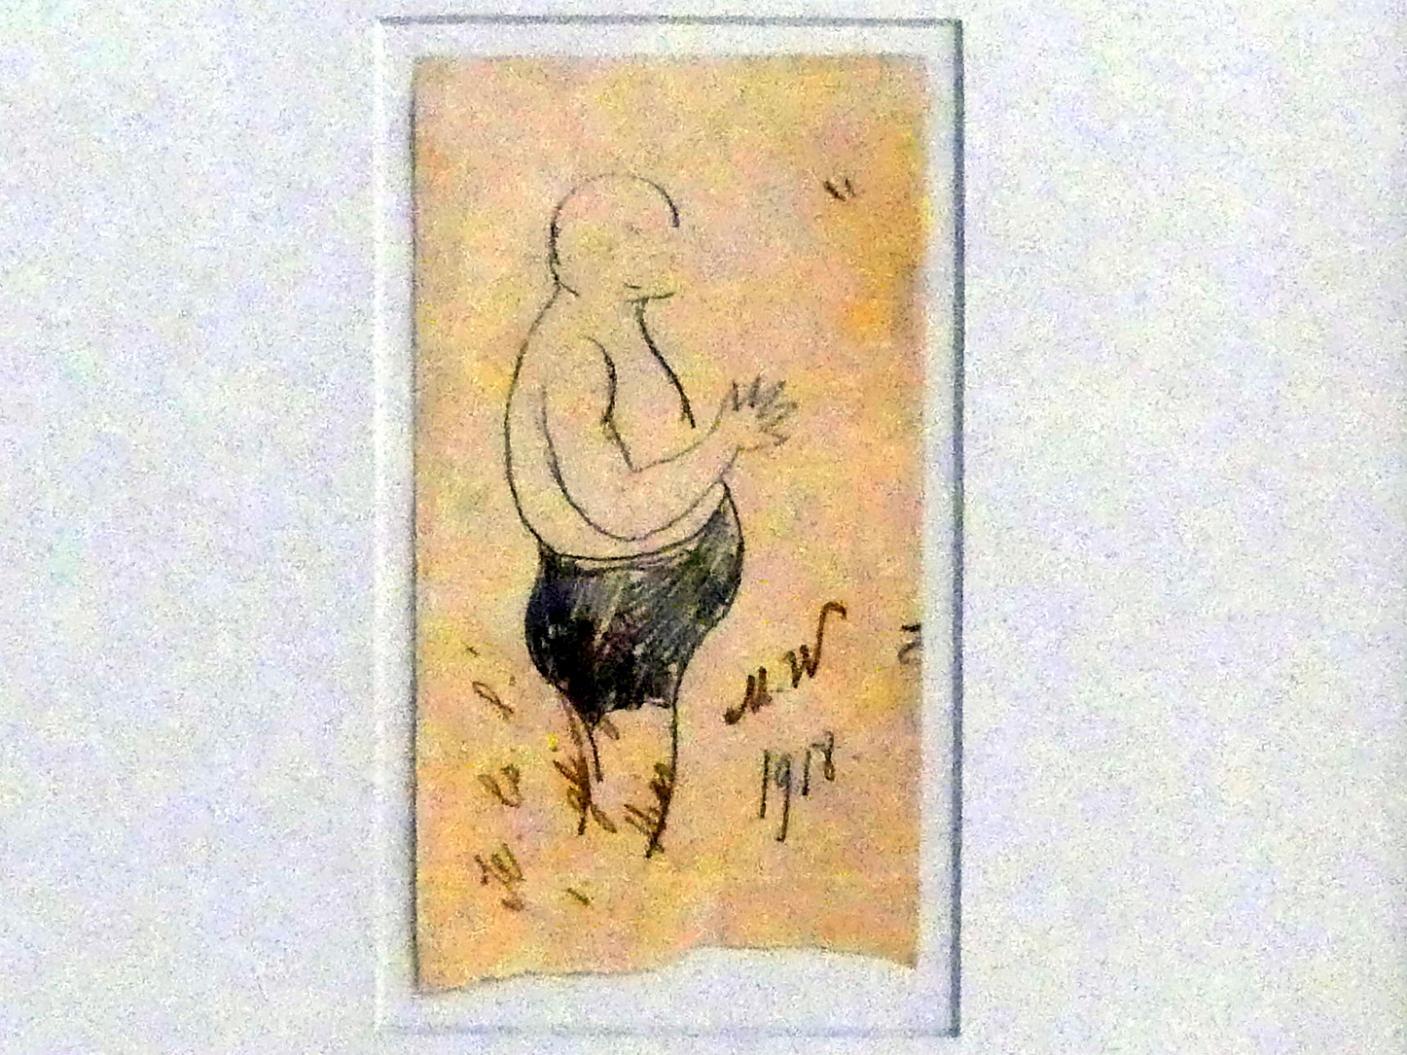 Marianne von Werefkin: Mann in Badehosen (Jawlensky), 1918